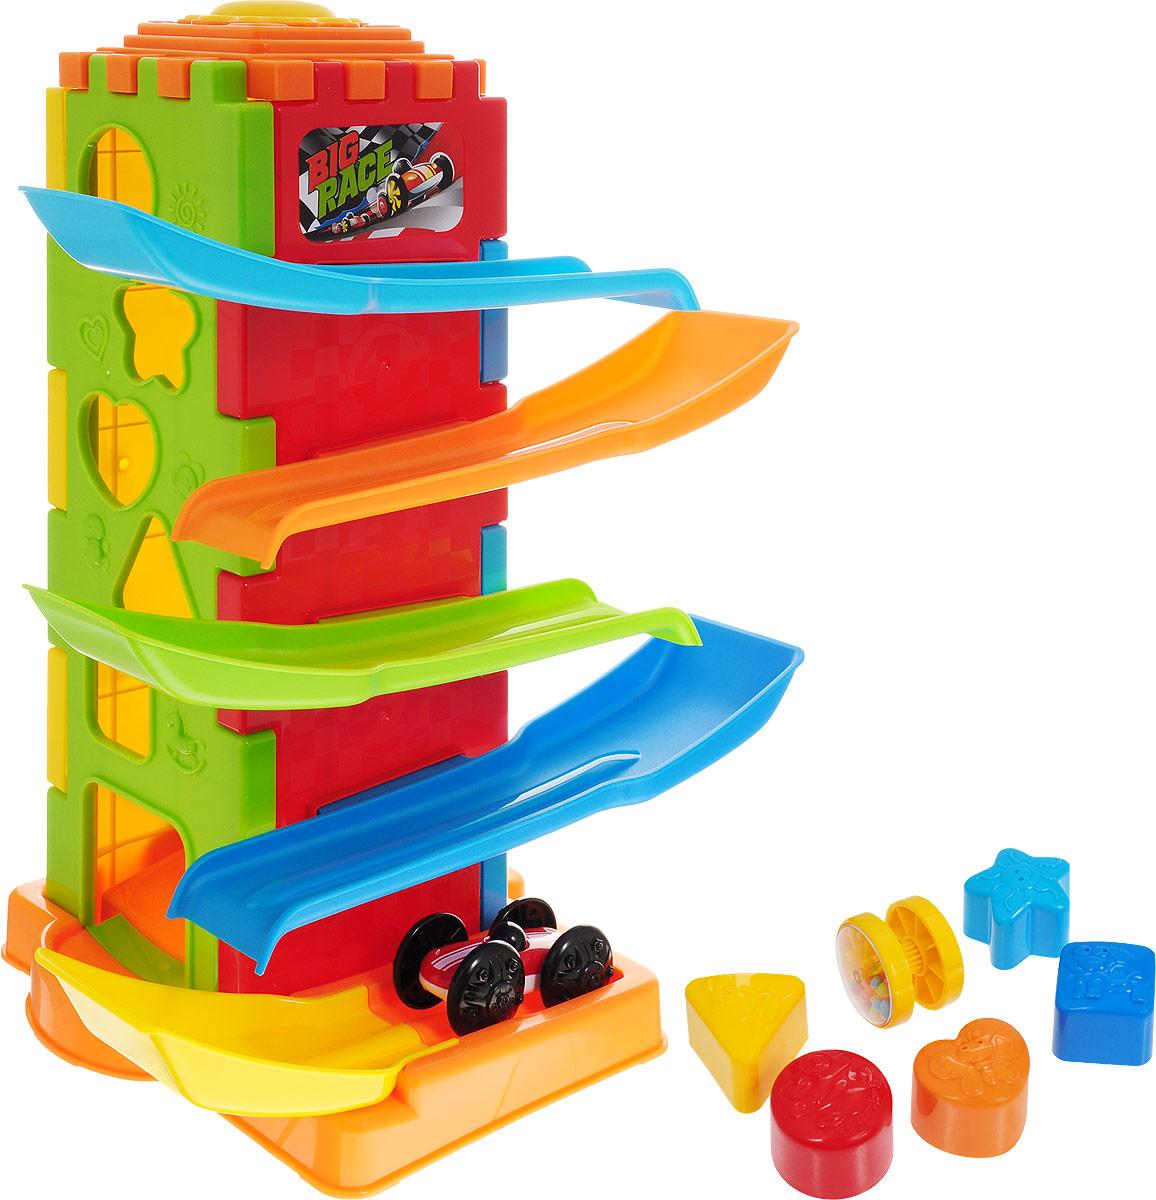 Playgo Развивающая игрушка Башня испытаний 5 в 1 сортеры playgo развивающая игрушка башня испытаний 5 в 1